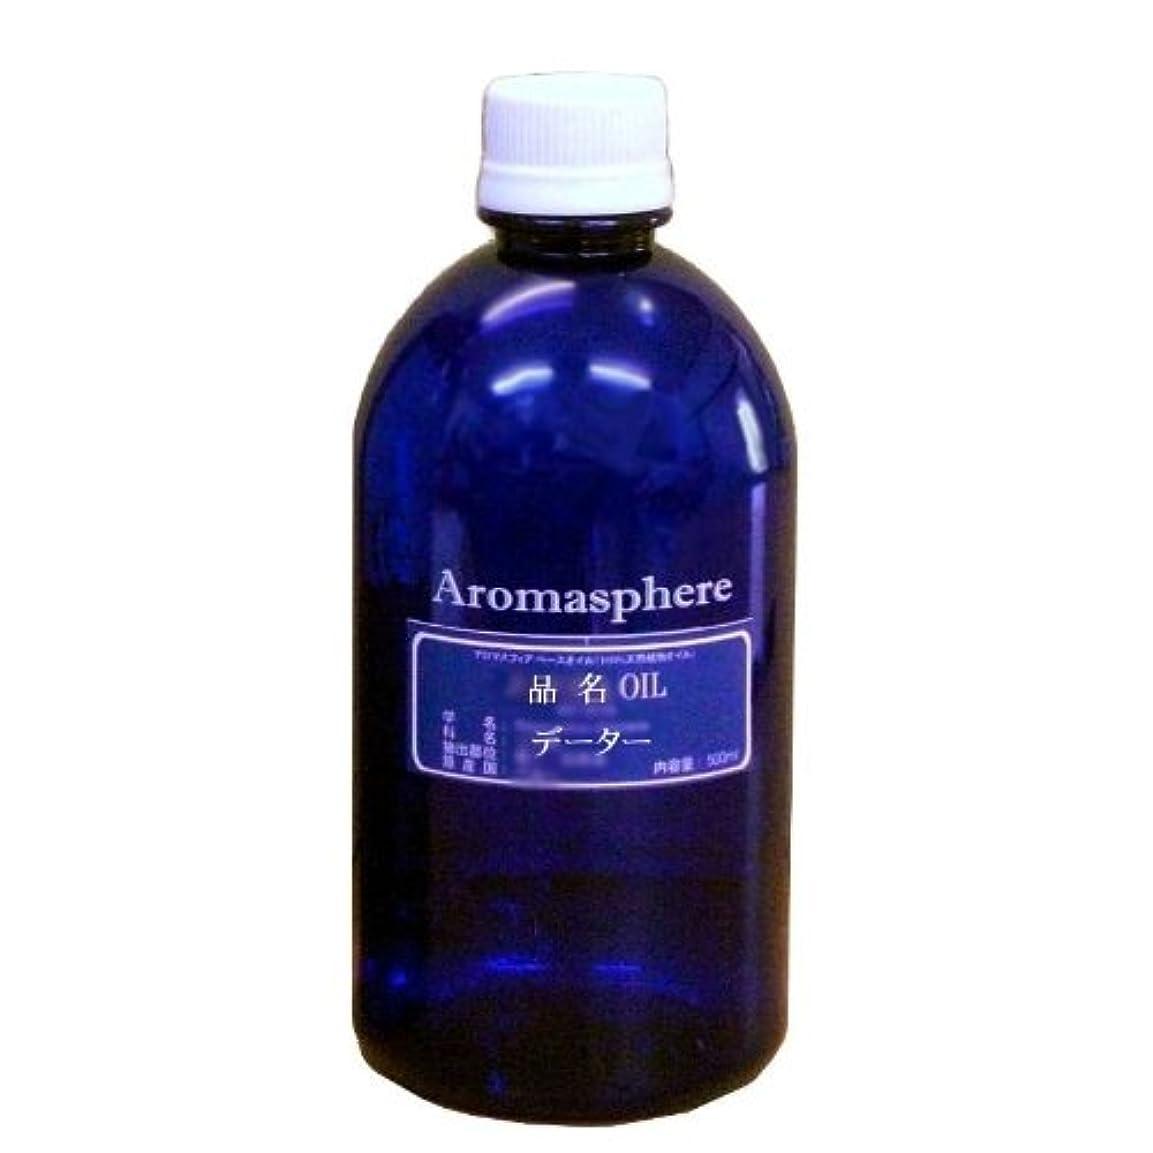 アレルギー性かけがえのない賢明な【アロマスフィア】 マカデミアナッツオイル 500ml